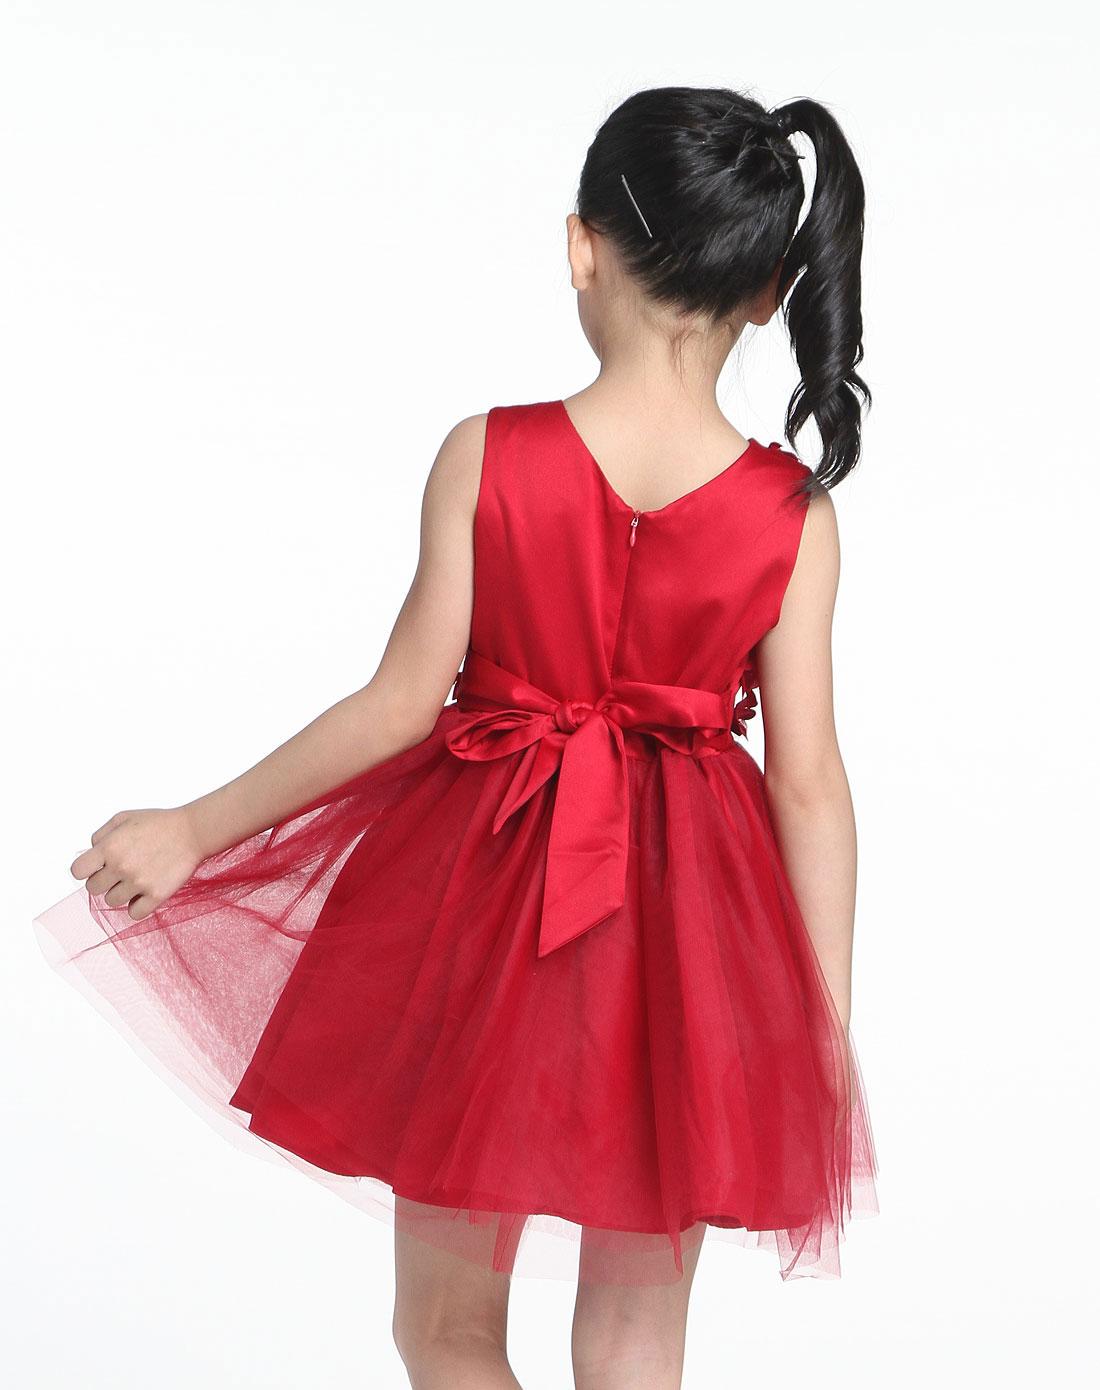 女中童可爱公主装贴花暗红色无袖连衣裙